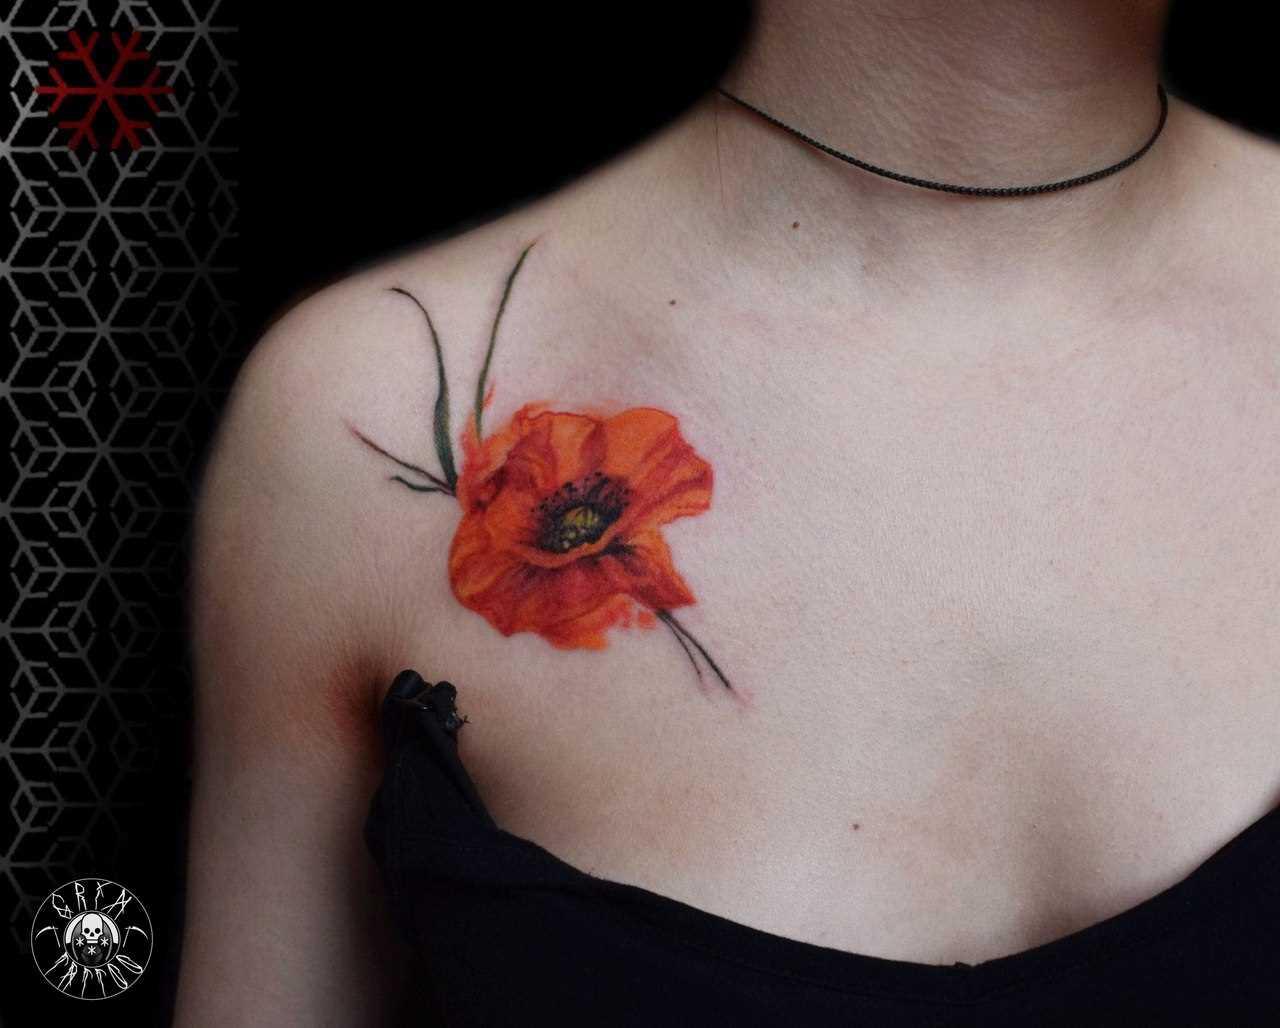 A tatuagem no peito da menina - mack